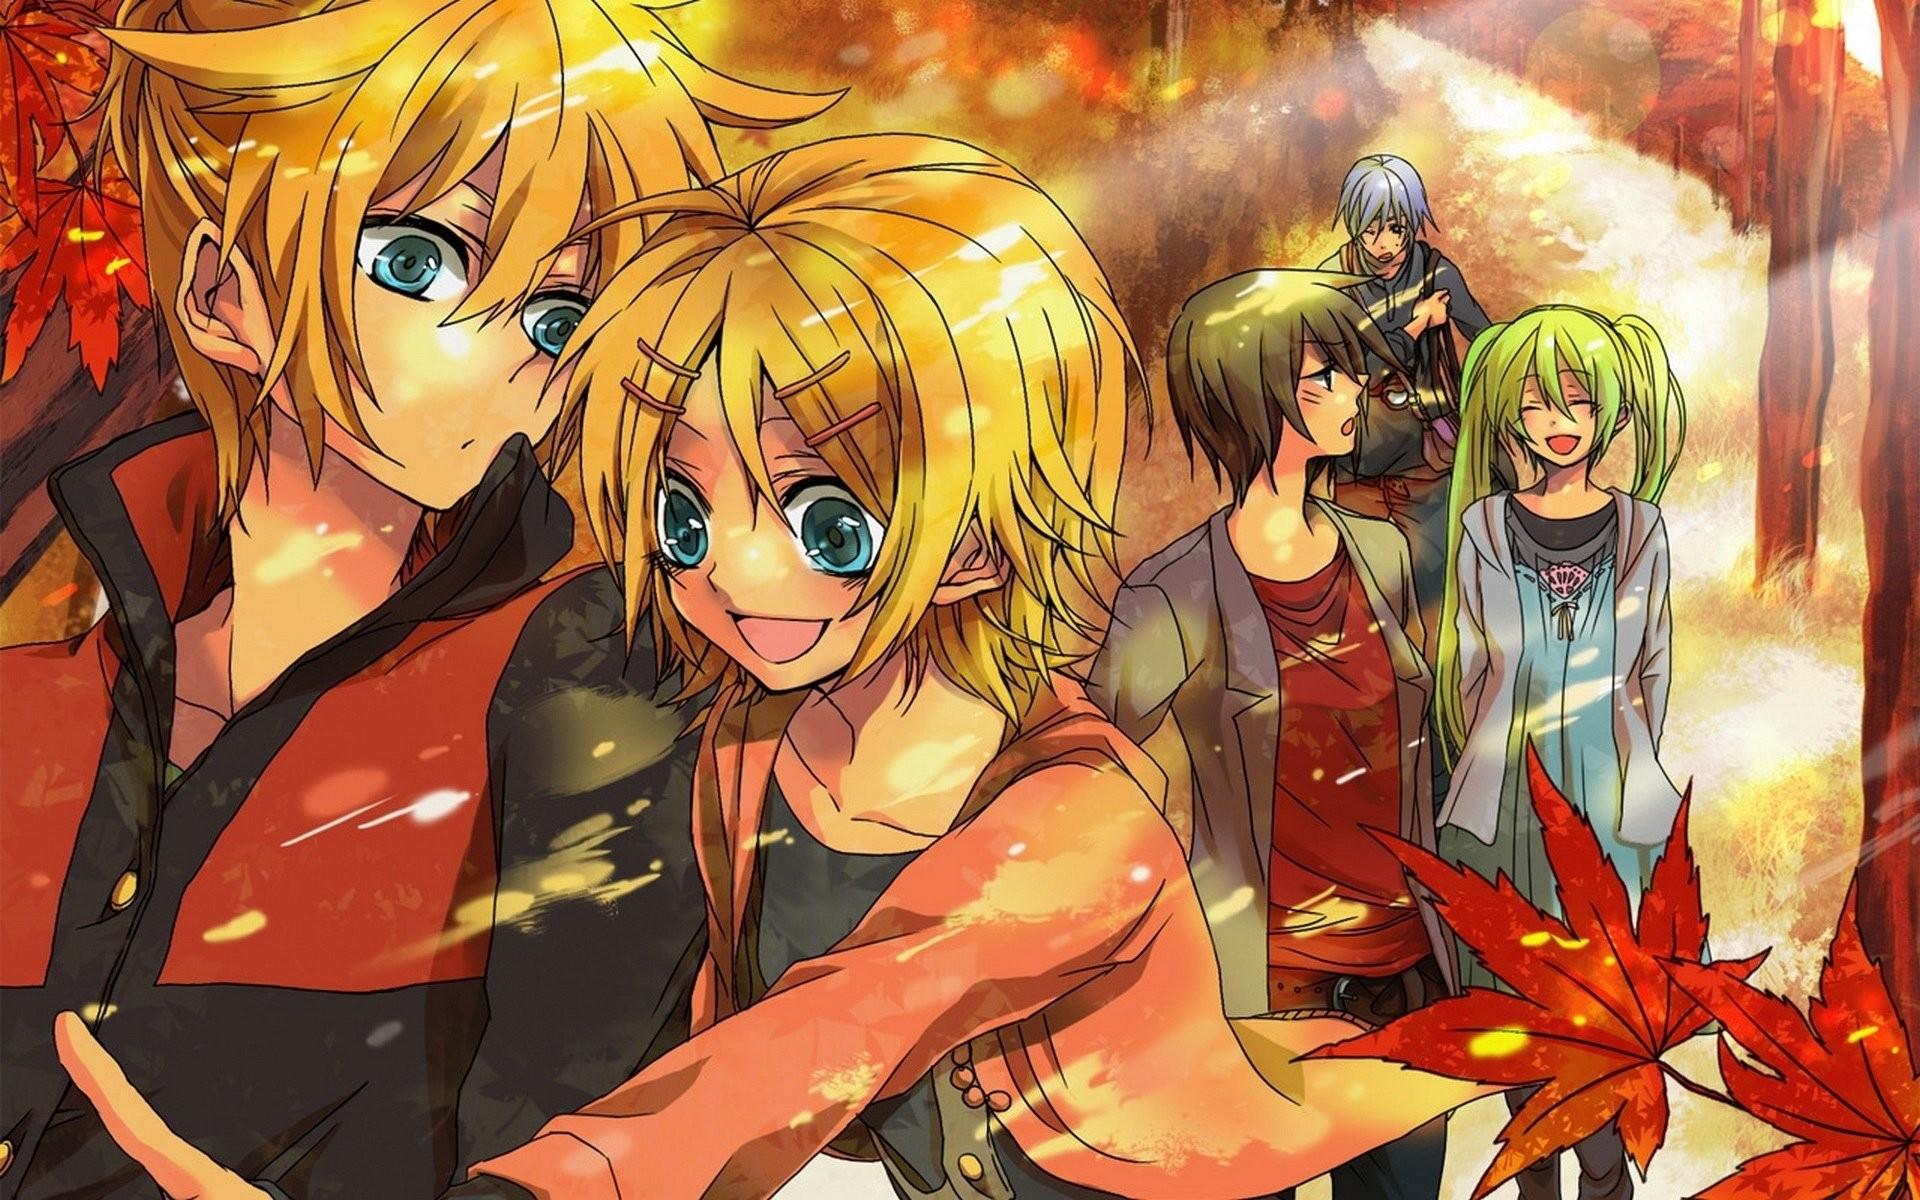 Anime Boy And Girl 715226